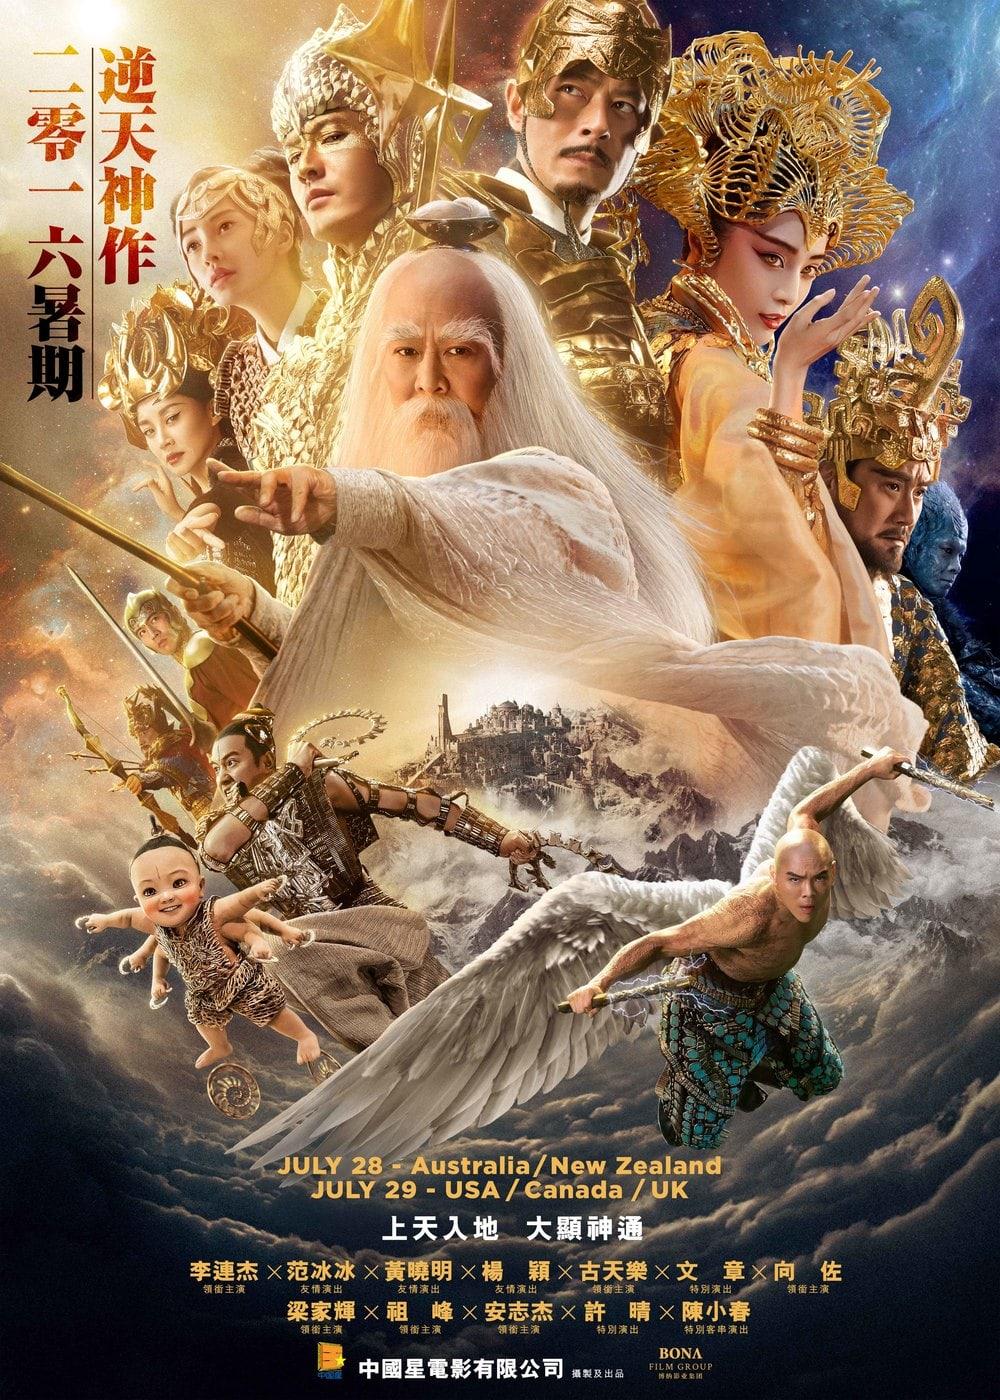 دانلود رایگان فیلم League Of Gods 2016